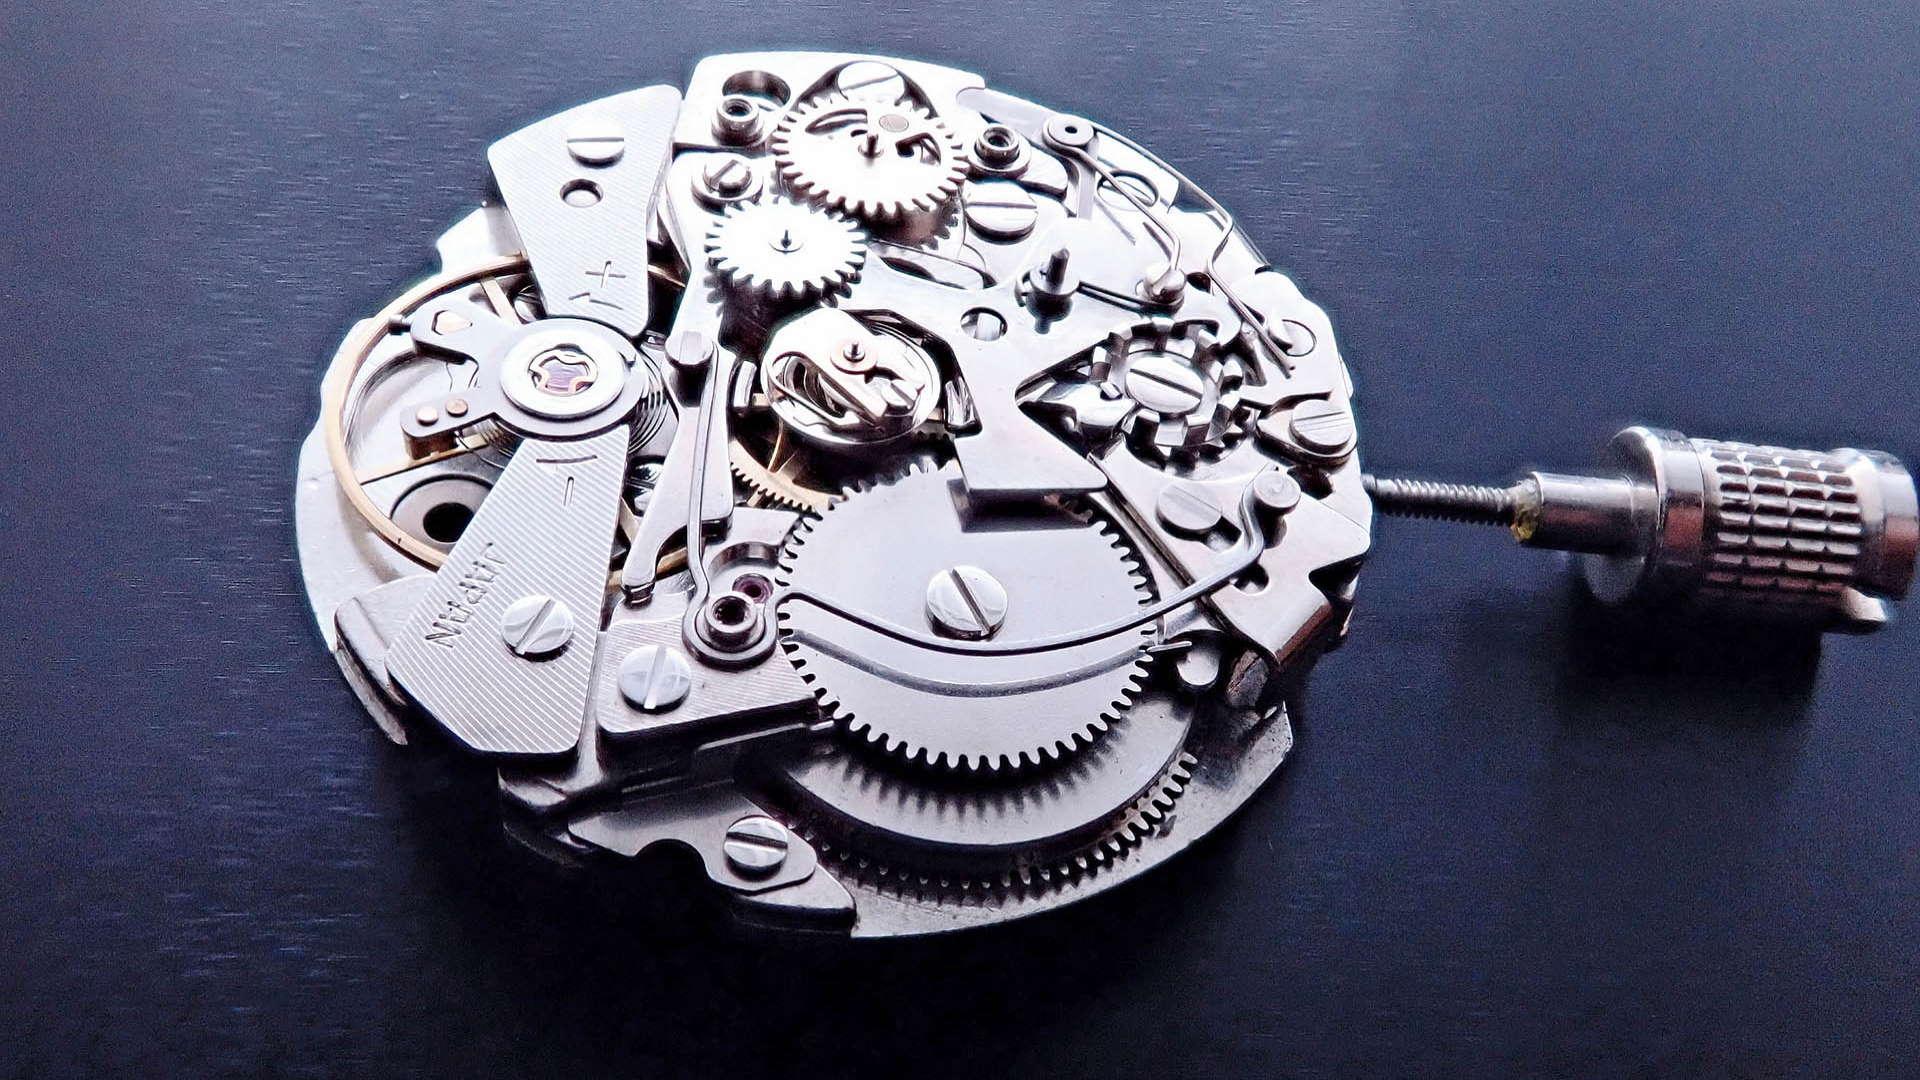 Seiko Automatik-Chronograph Kaliber 6139